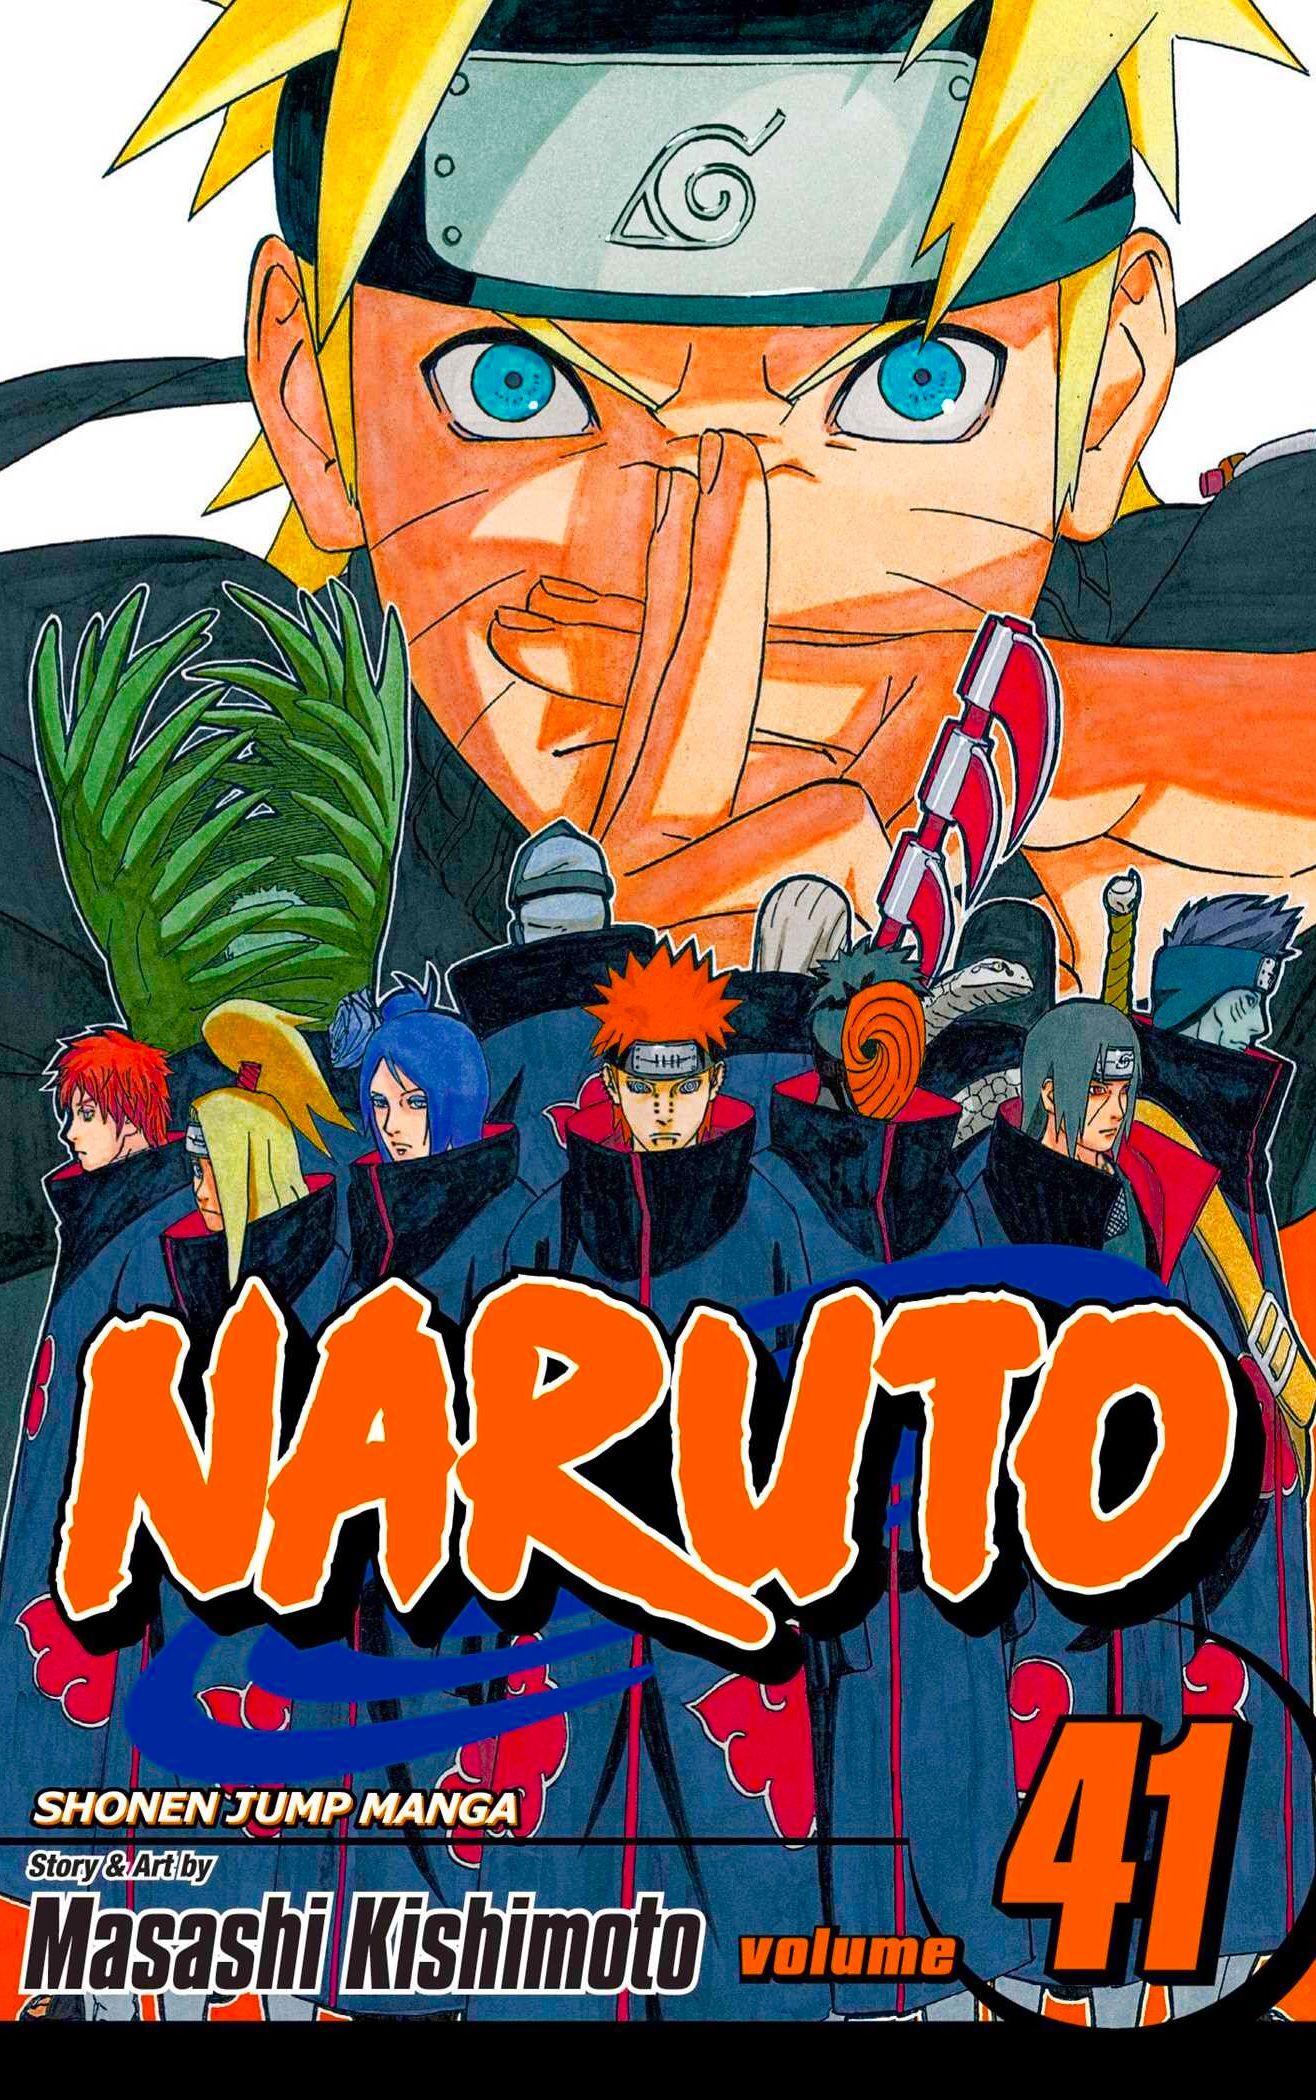 Pin by Nardydude on Naruto shippduen Anime naruto, Komik